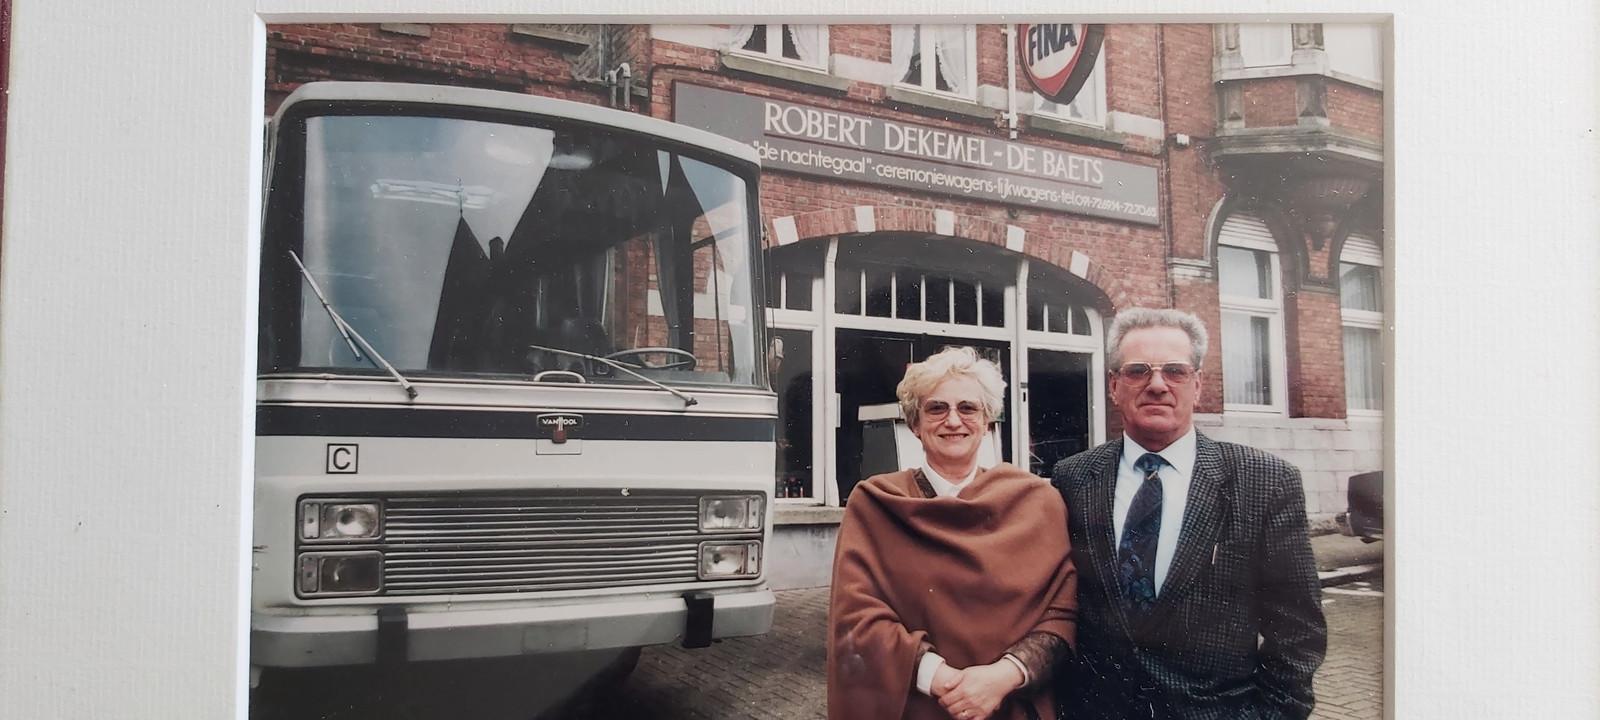 Robert Dekemel en zijn vrouw Marie-José De Baets voor een van de bussen van hun busmaatschappij.